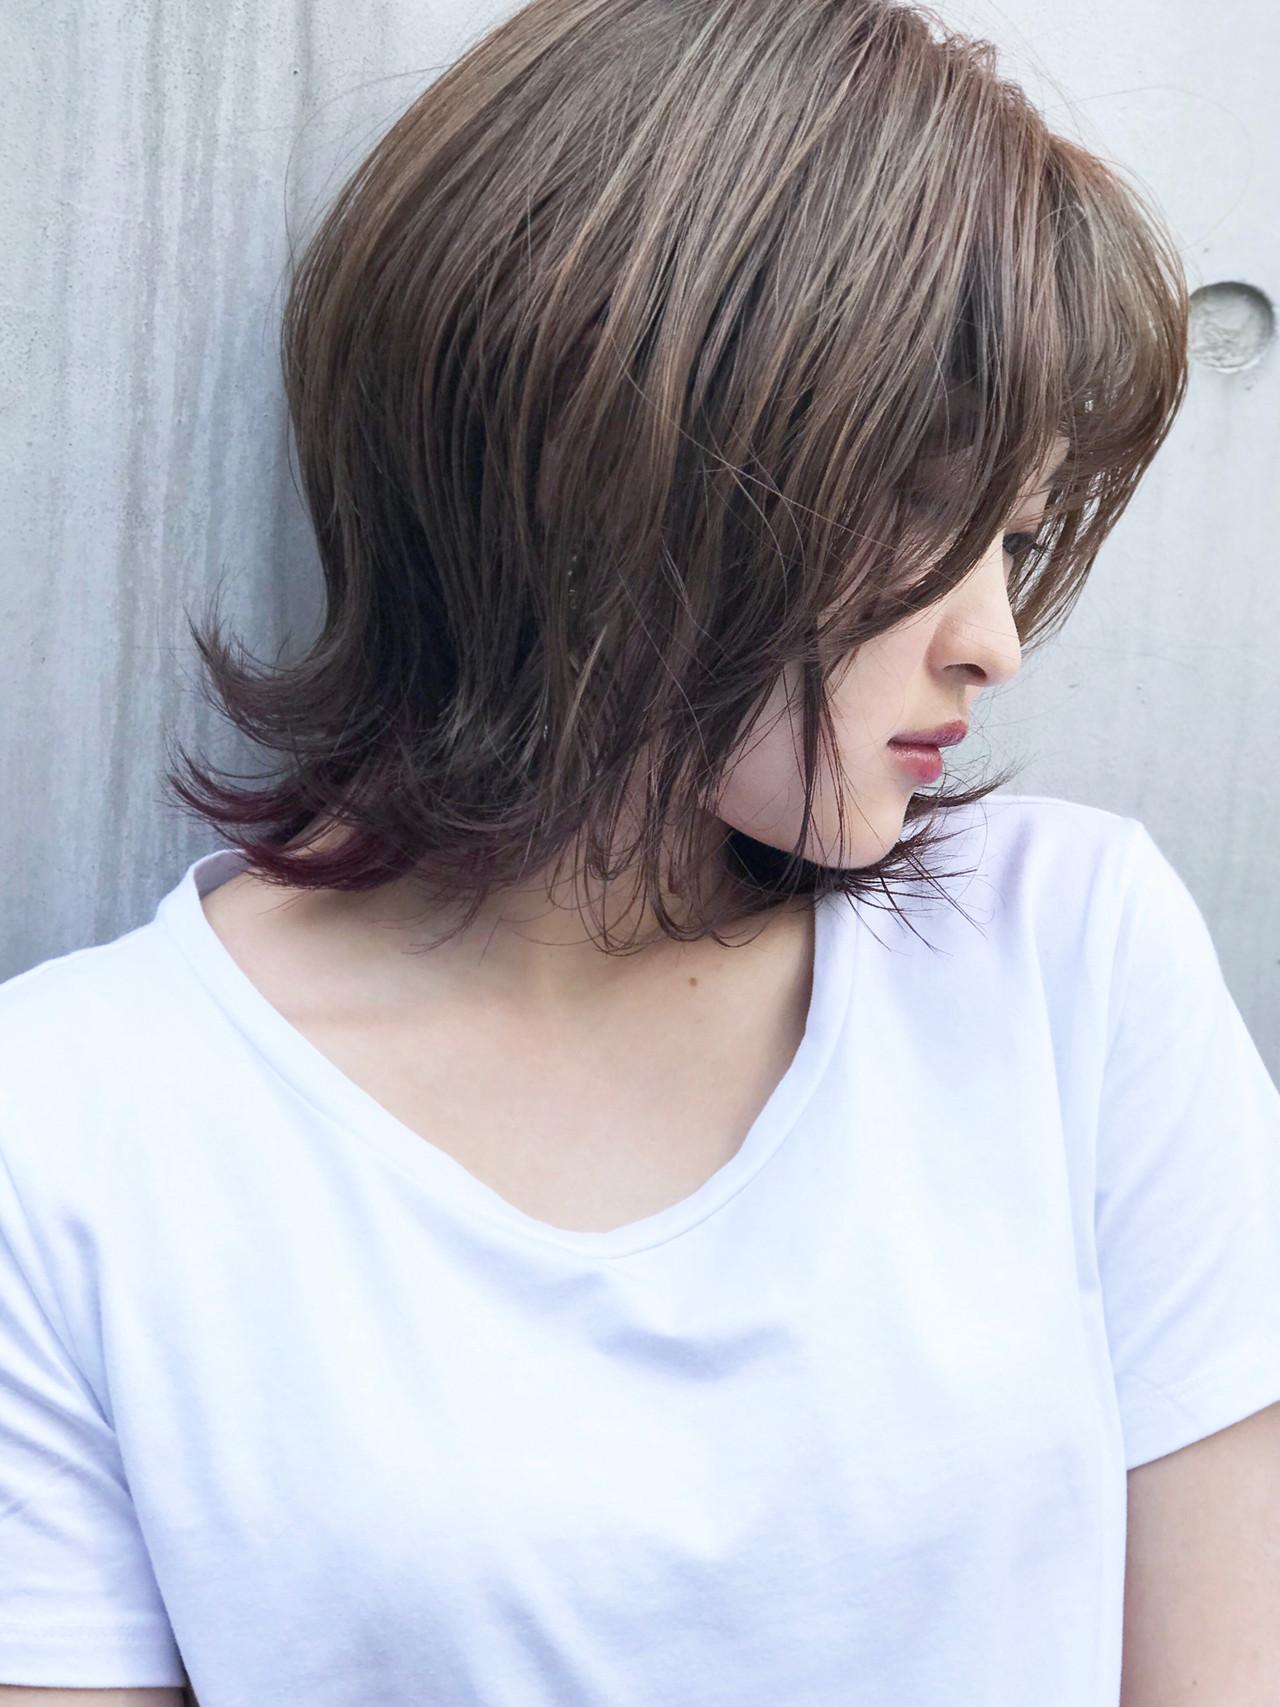 インナーカラーパープル インナーカラー スポーツ ストリート ヘアスタイルや髪型の写真・画像